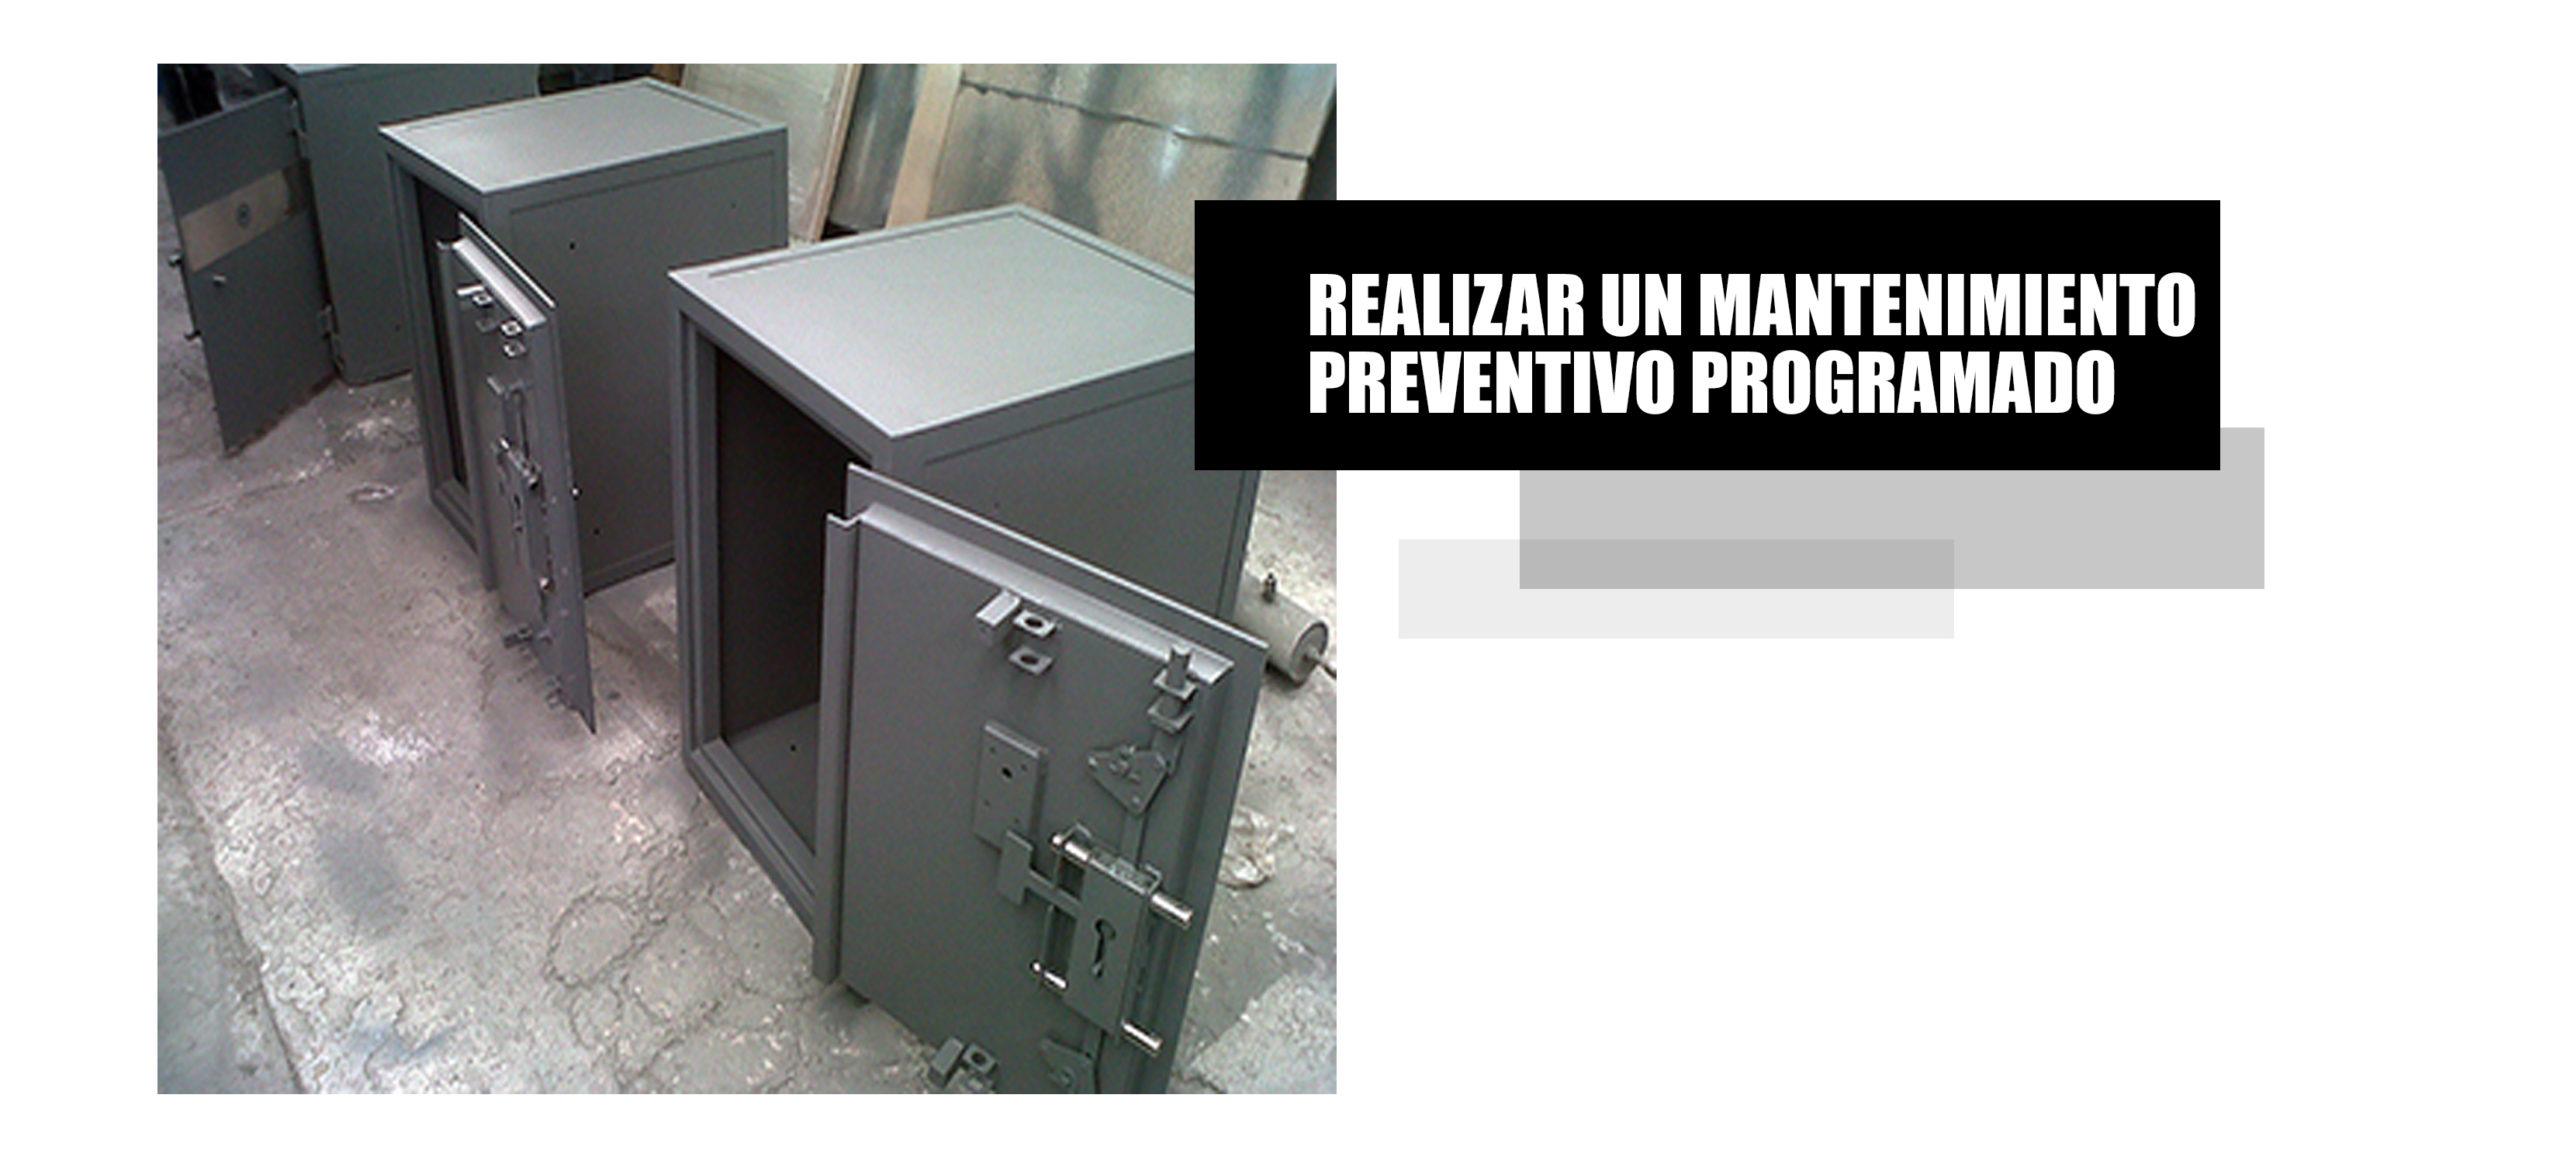 Mantenimiento preventivo para cajas de seguridad de todo el Perú